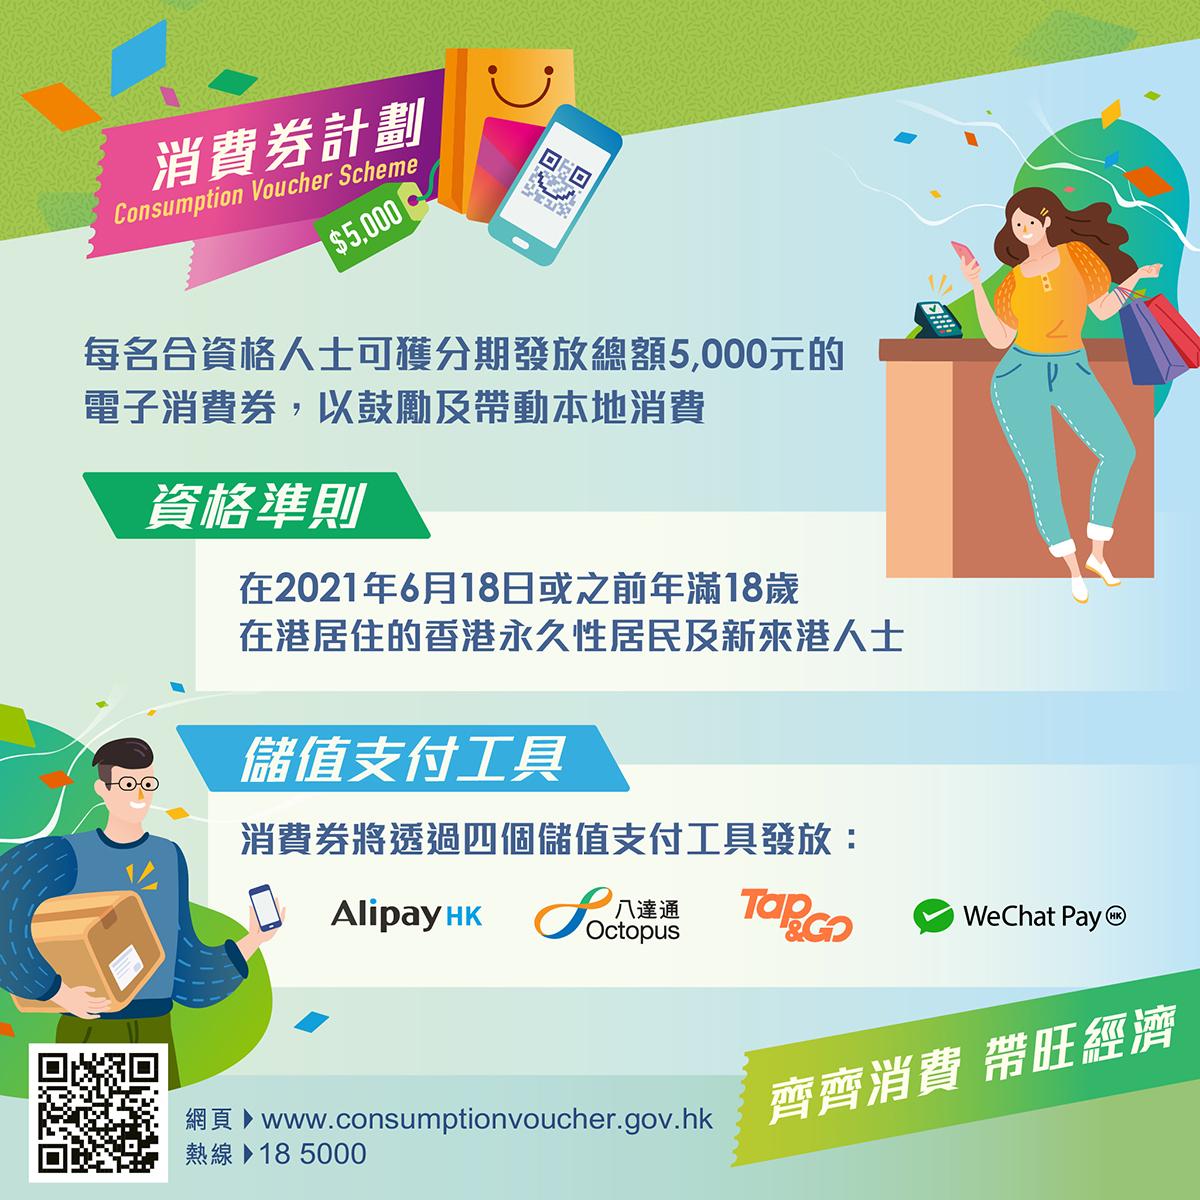 【終極懶人包】HK$ 5,000消費券計劃申請日期、領取、使用方法